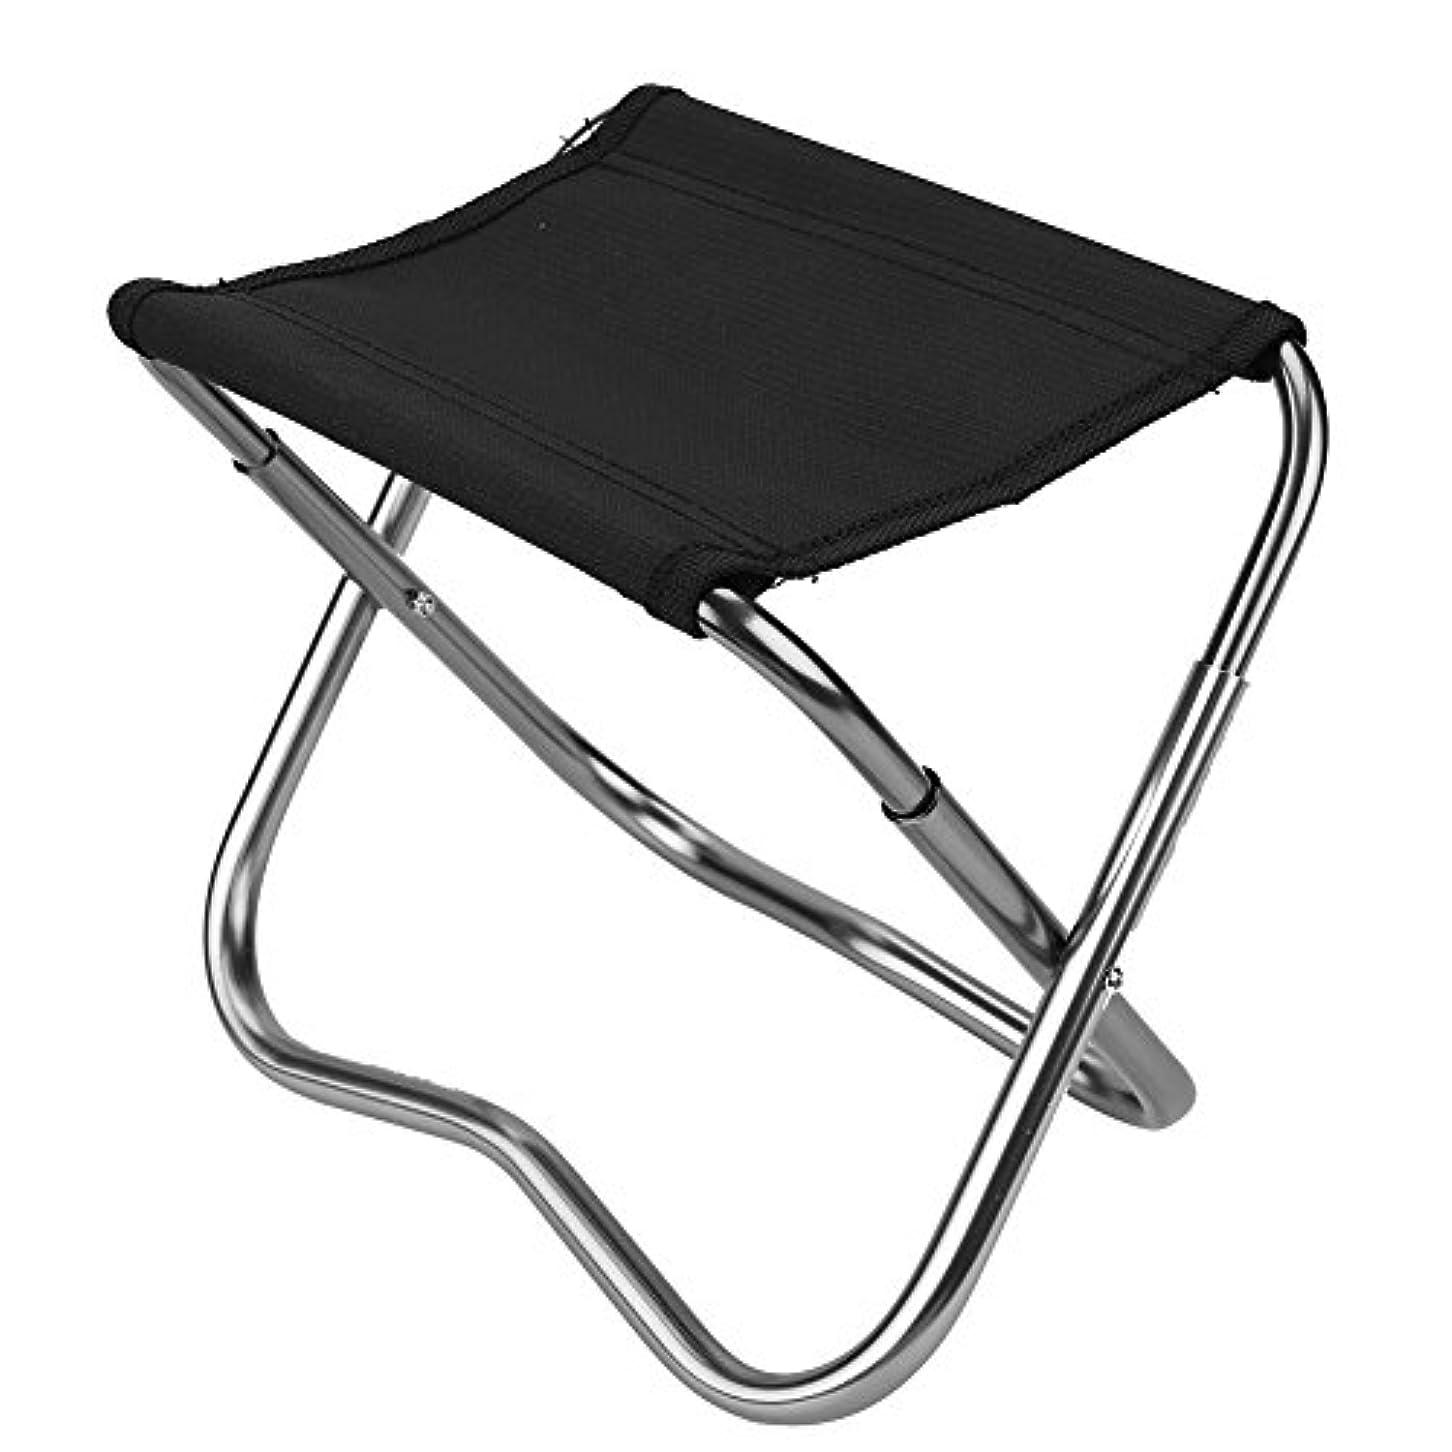 軽く多様性嫌な釣り椅子 組み立てチェア 折りたたみ椅子 軽量 コンパクト 耐摩耗 清潔かんたん 携帯便利 耐荷重90kg 安定性 アウトドア/キャンプ/BBQ//ハイキング/旅行/家事/園芸用